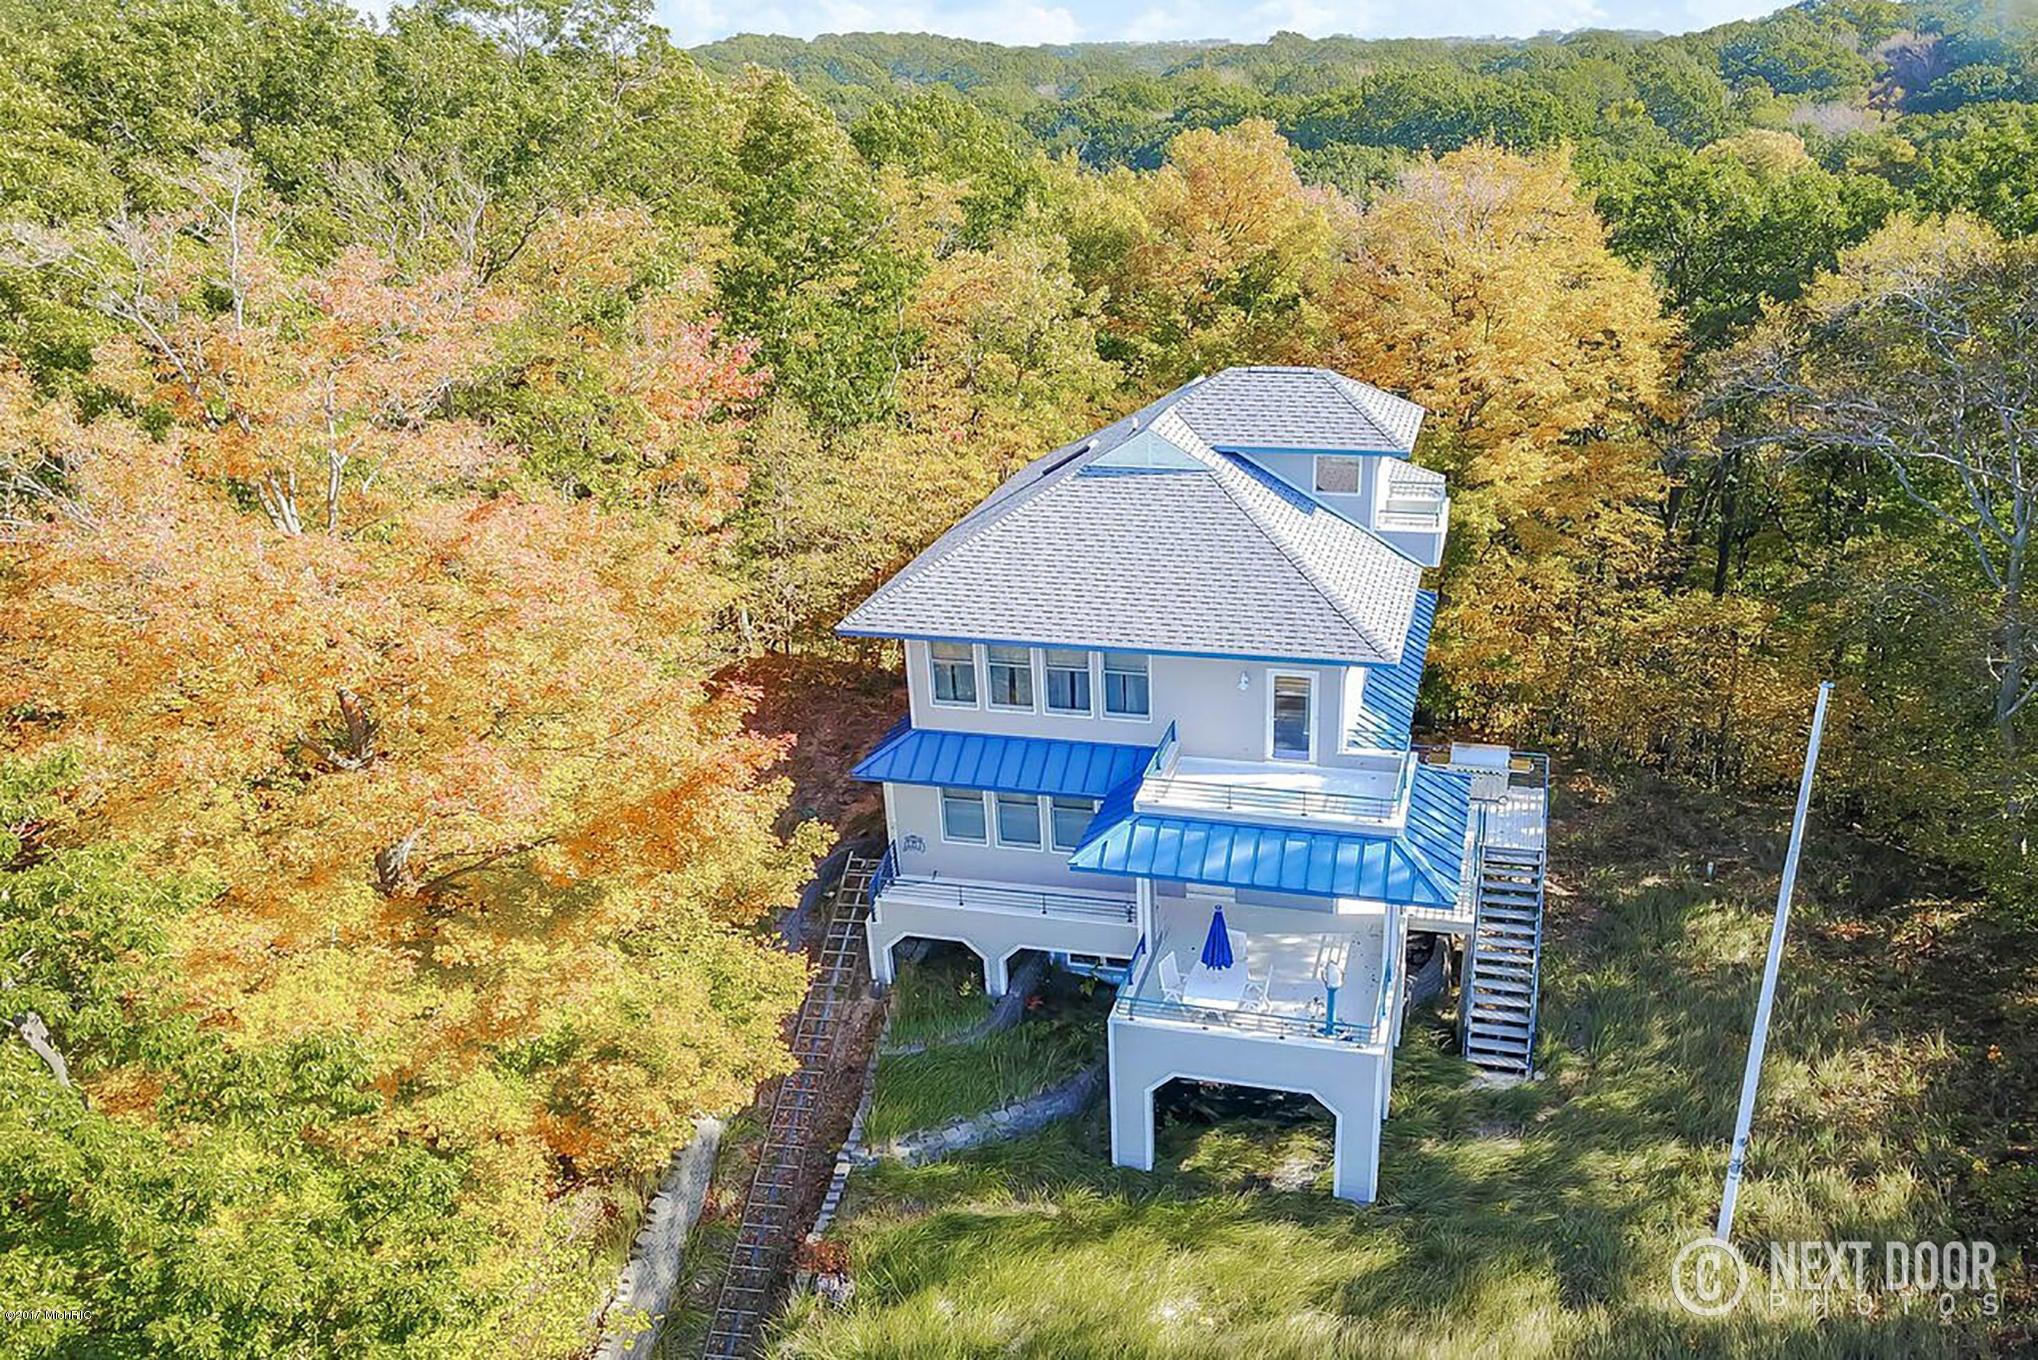 独户住宅 为 销售 在 6780 Helena 6780 Helena 西奥利弗, 密歇根州 49460 美国